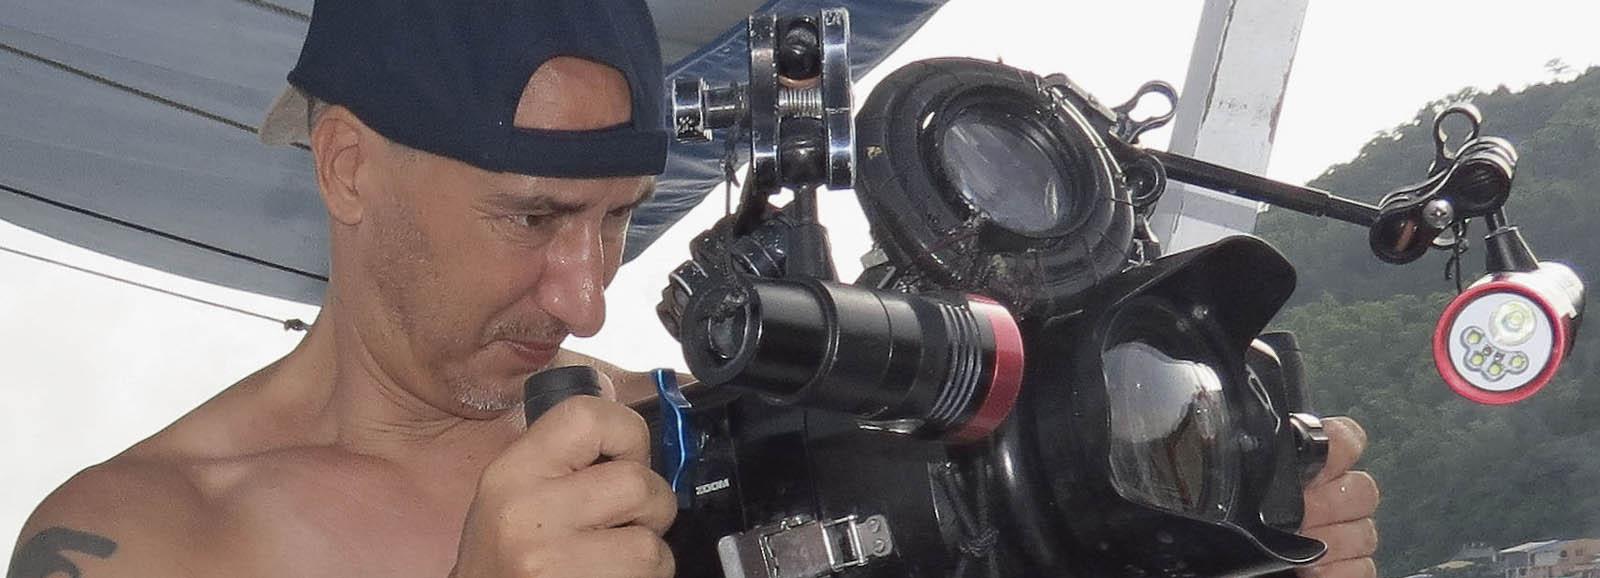 unterwasser Kameramann Klemens Gann mit Sony AX100